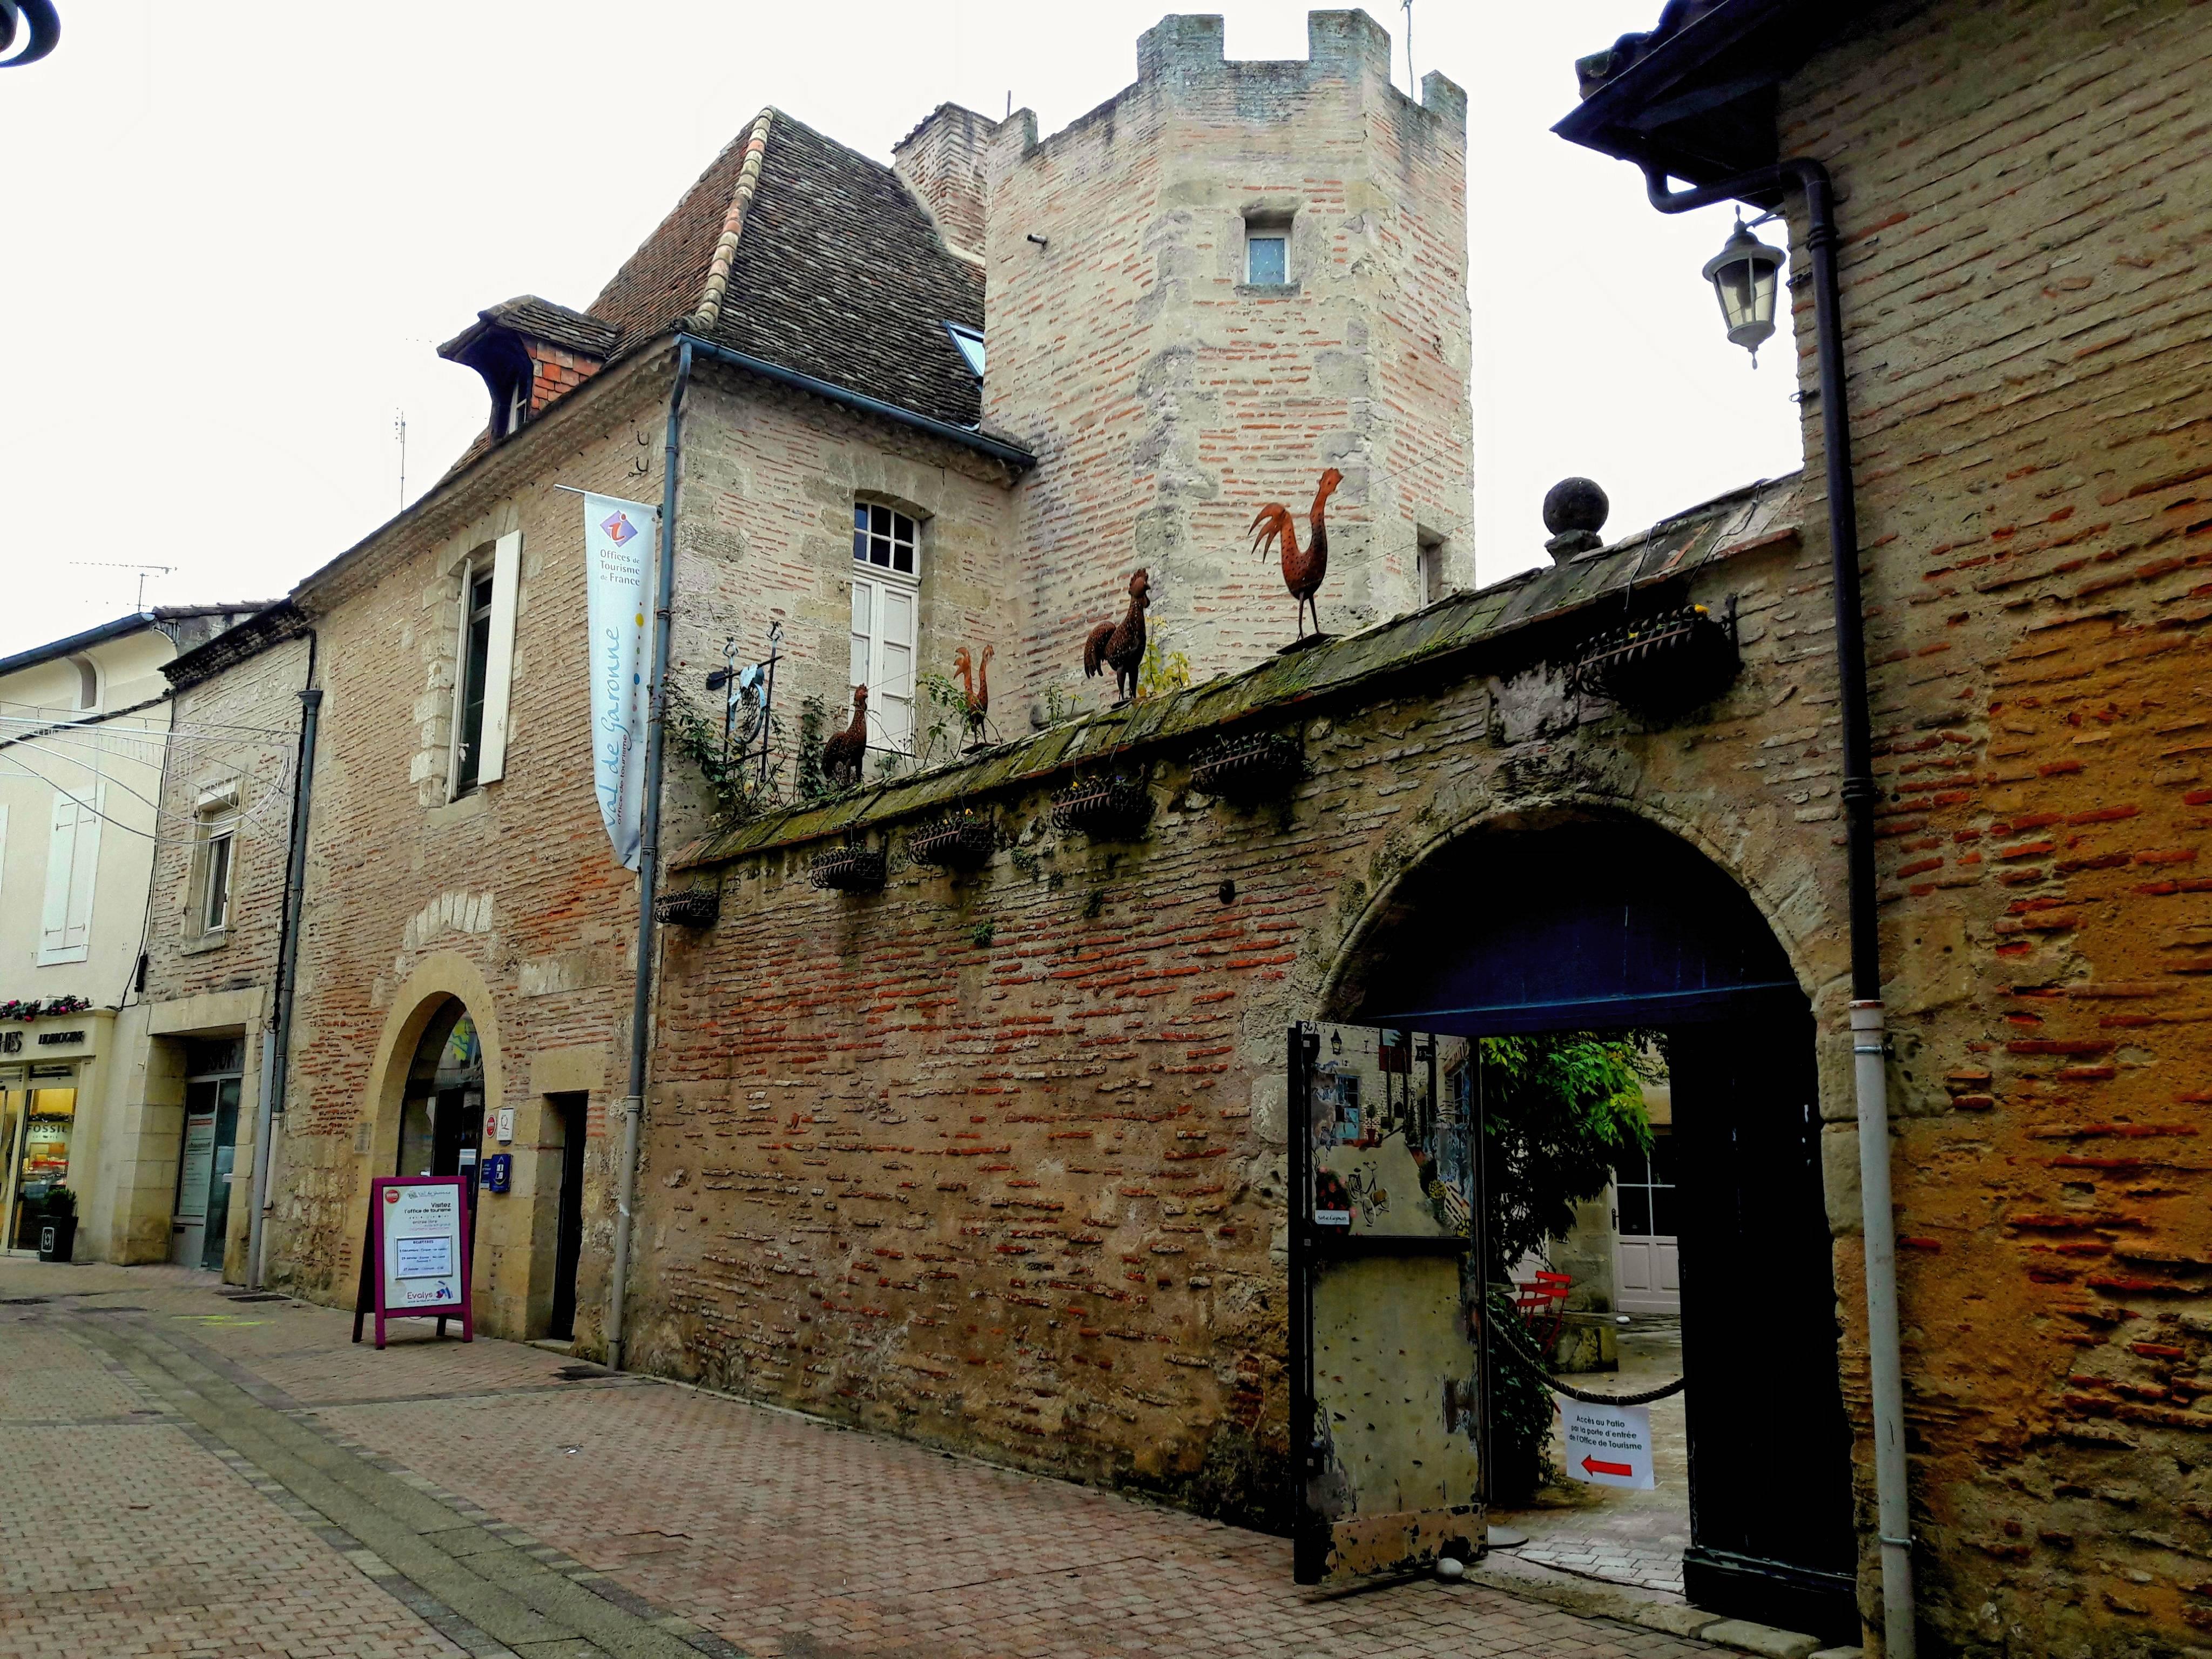 Photo 1: L'office de tourisme Val de Garonne, un office pas comme les autres